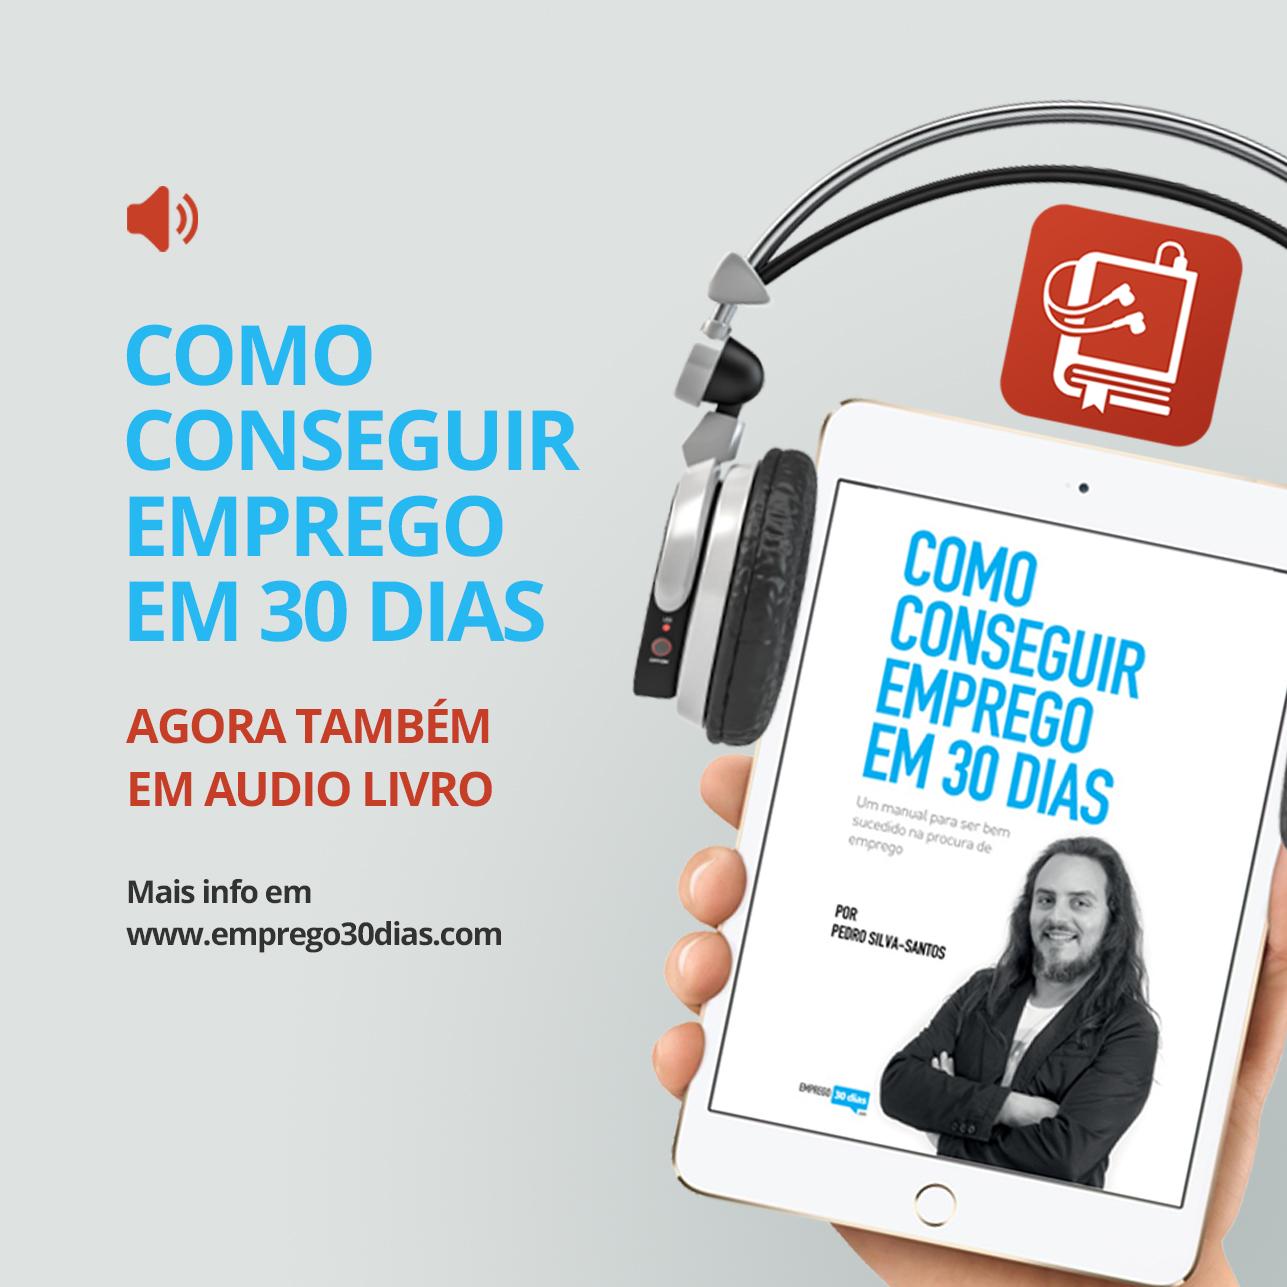 Audio Livro Como conseguir emprego em 30 dias - quadrado